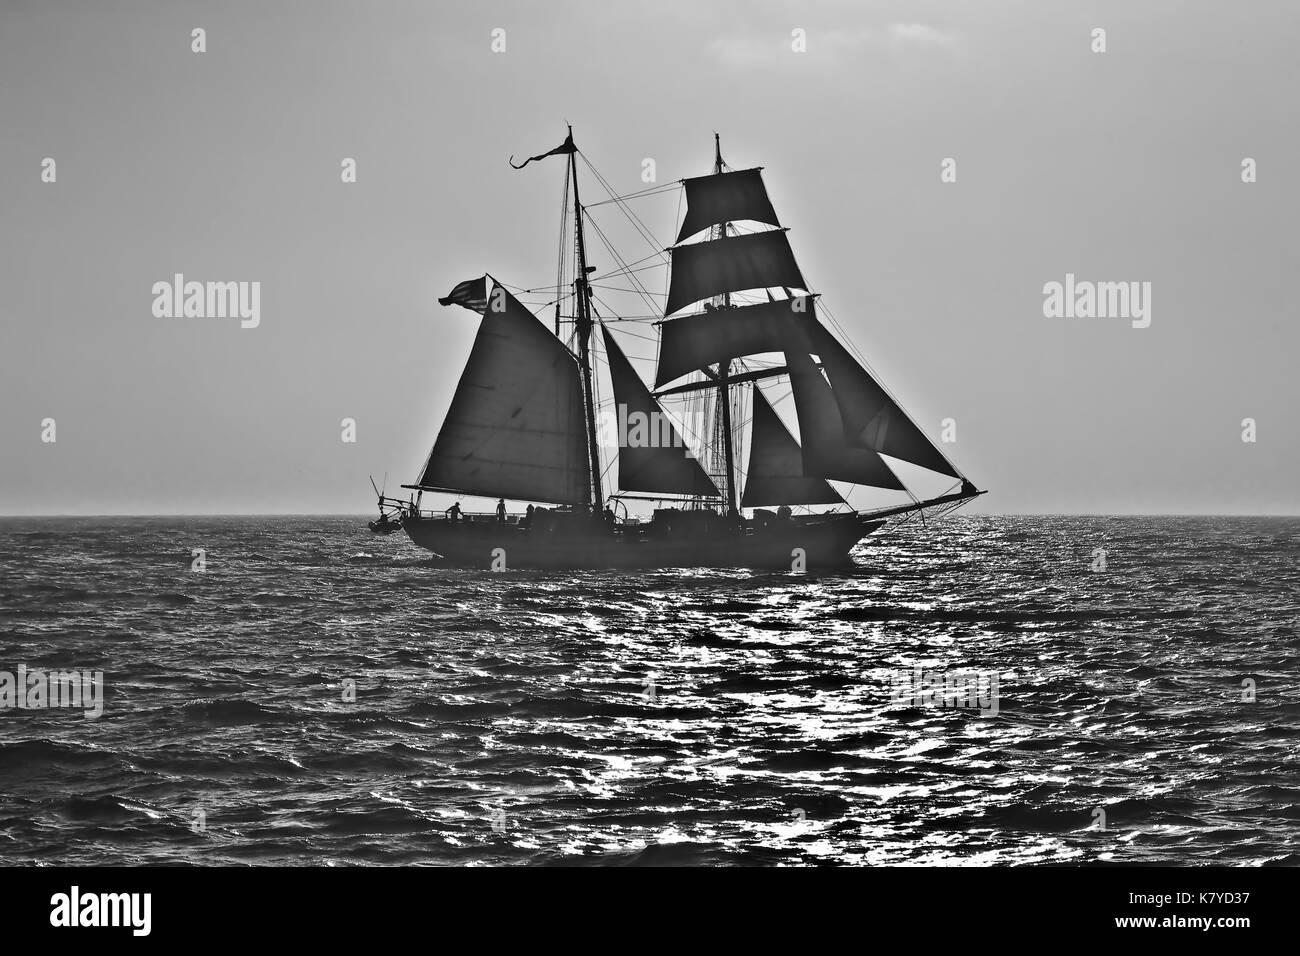 Tall Ship Exy Johnson off Dana Point, CA US. - Stock Image